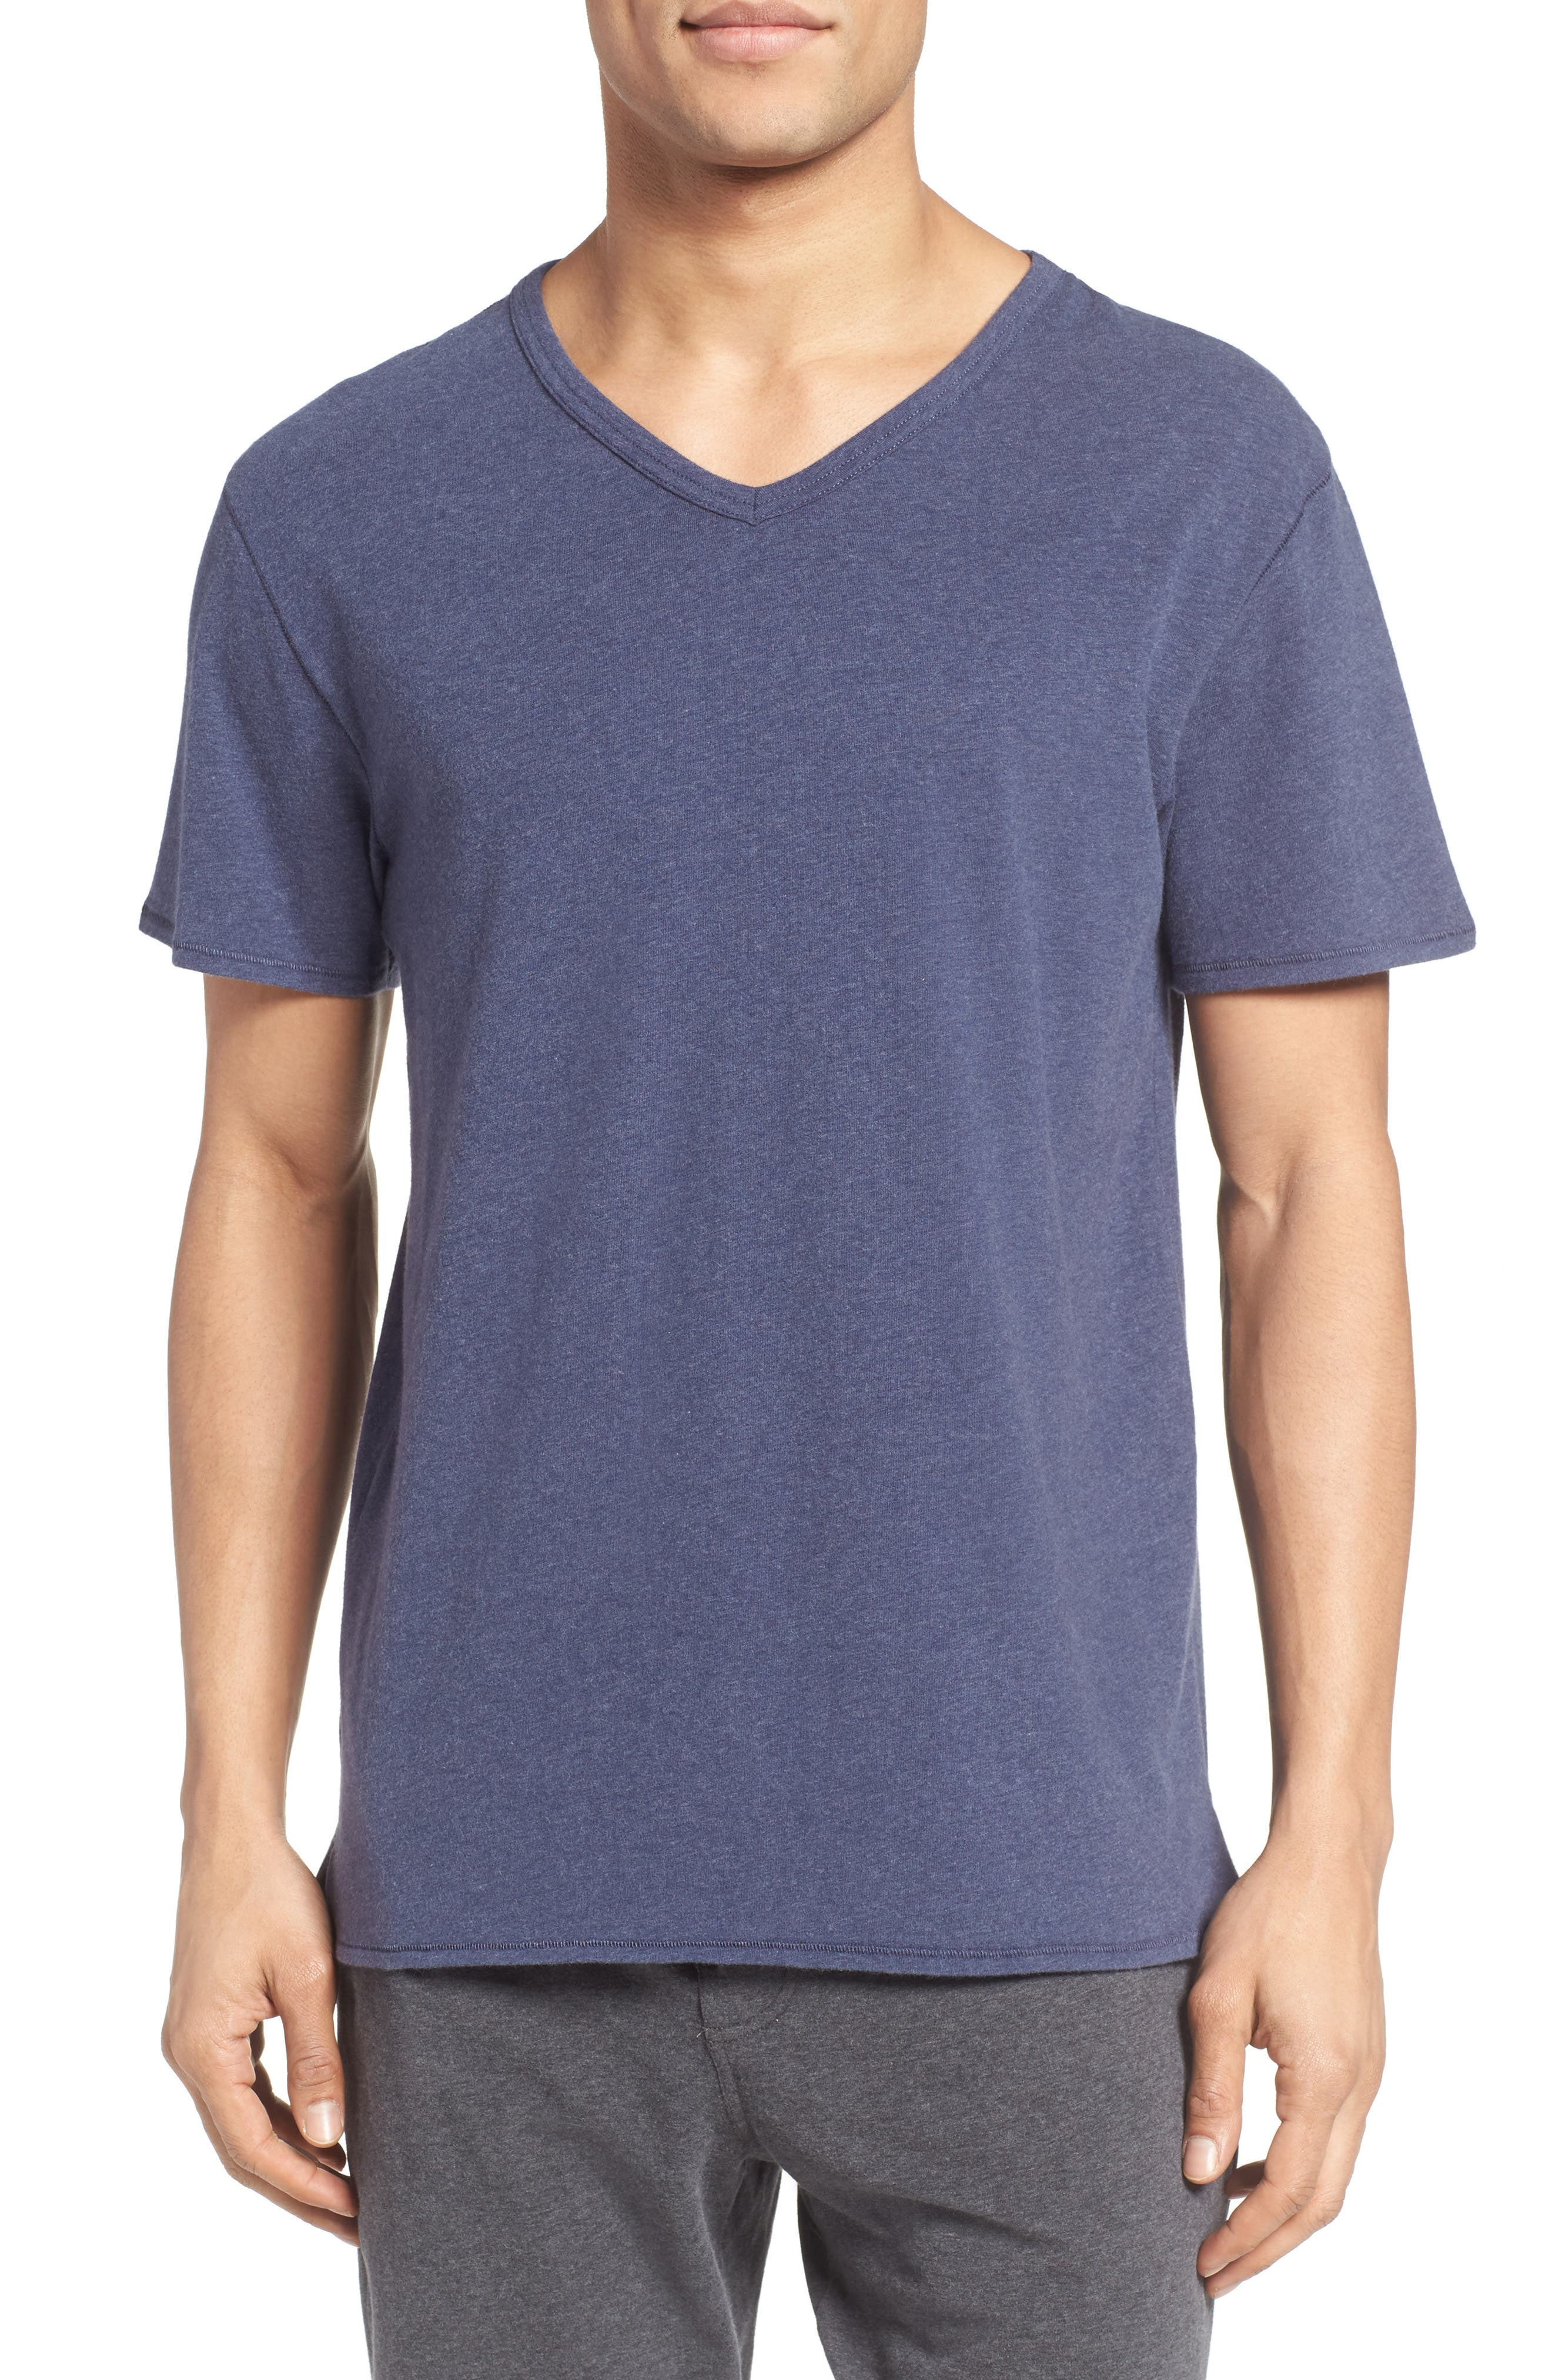 Alternate Image 1 Selected - Nordstrom Men's Shop Stretch Cotton V-Neck T-Shirt